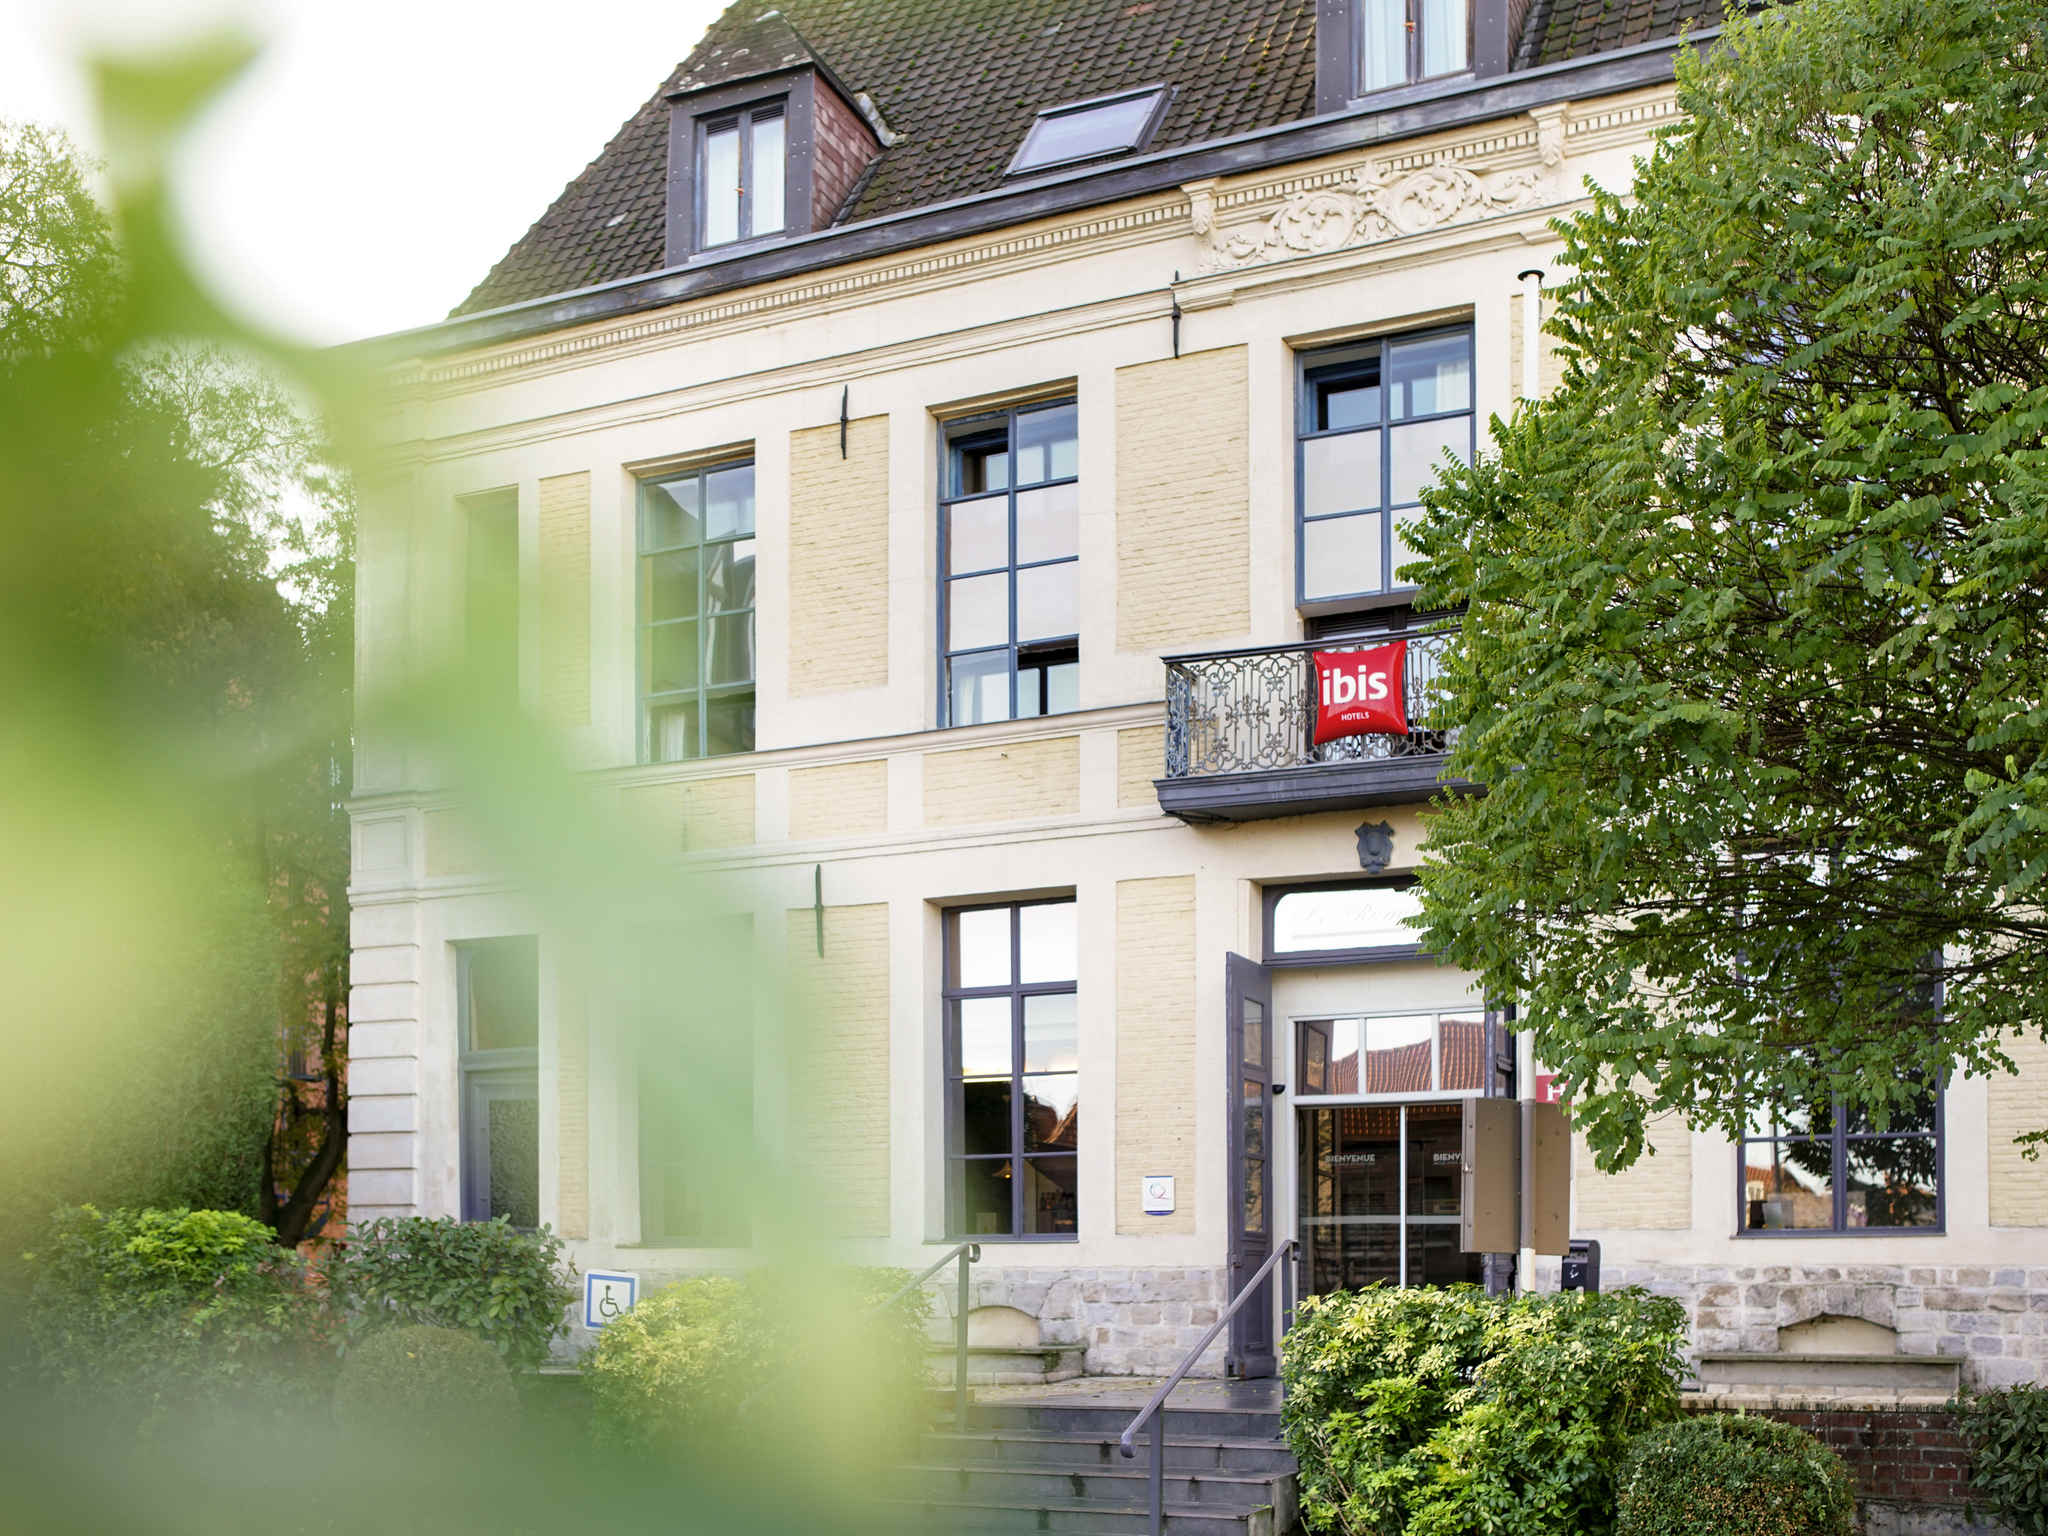 Hotel – ibis Douai Centre